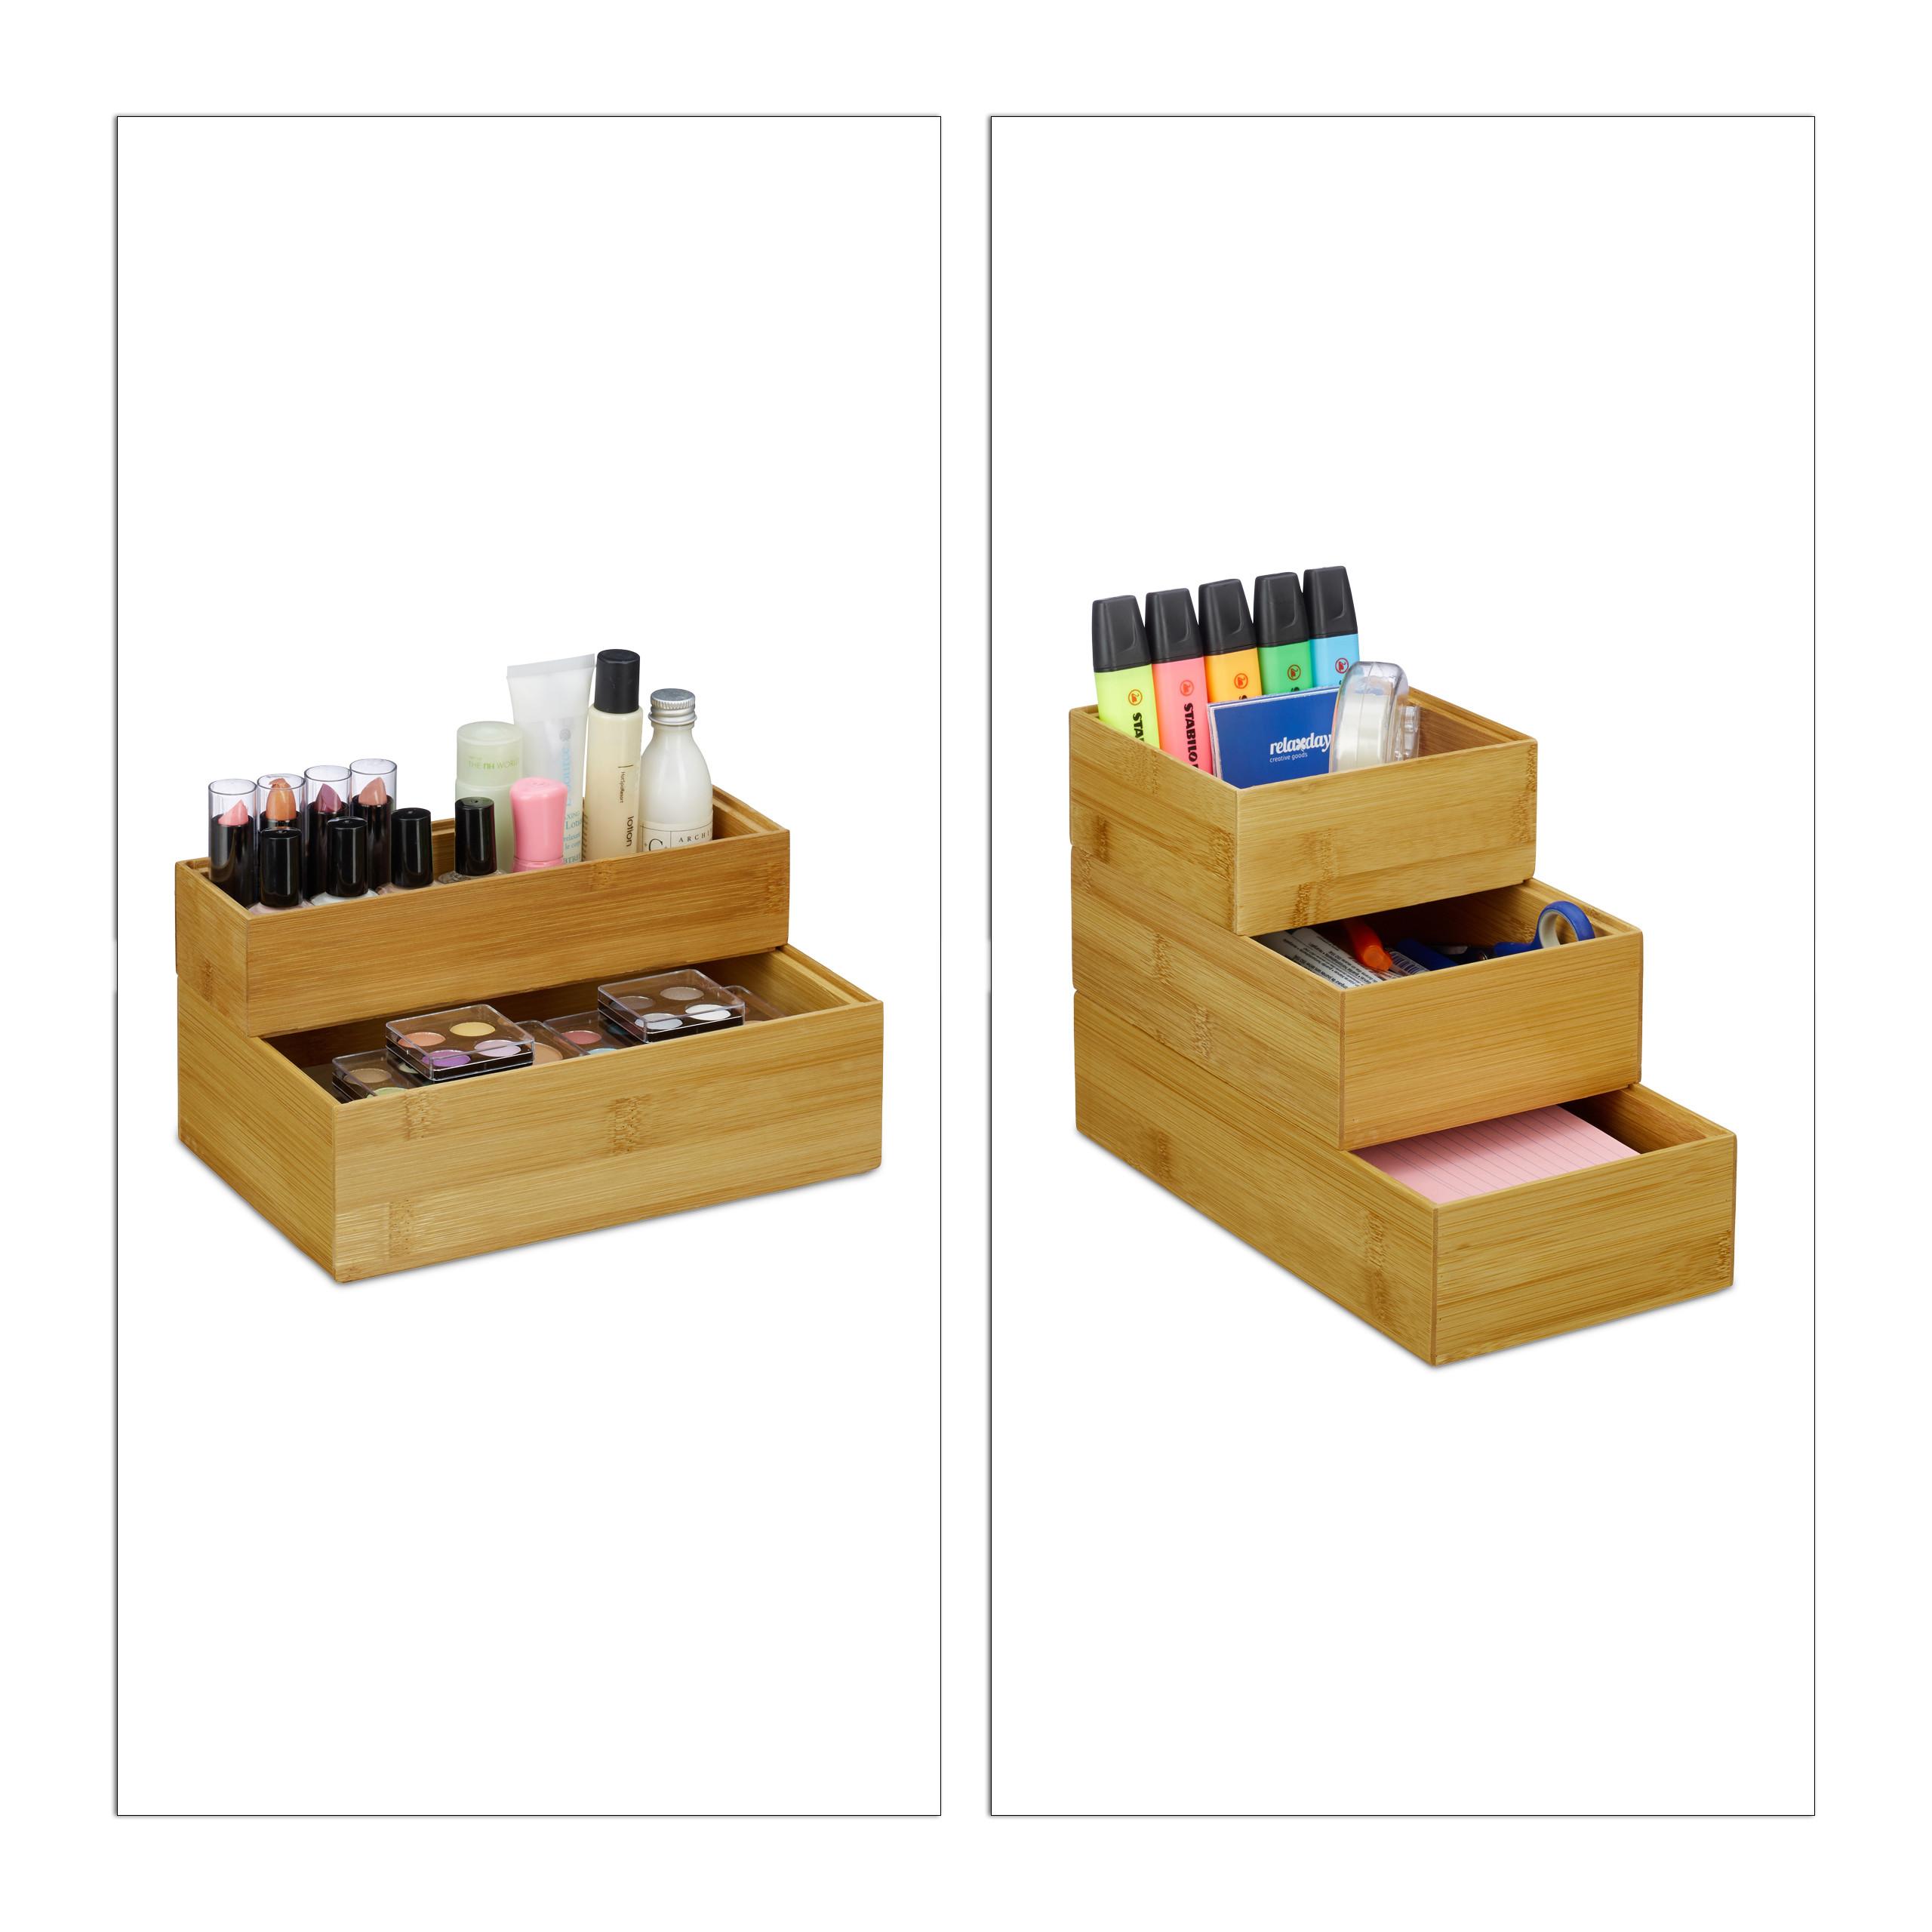 Détails sur Ordnungsbox Bambou Lot Boîte nature Boîte De Rangement  Empilable Bambou Boîte Bain- afficher le titre d\'origine